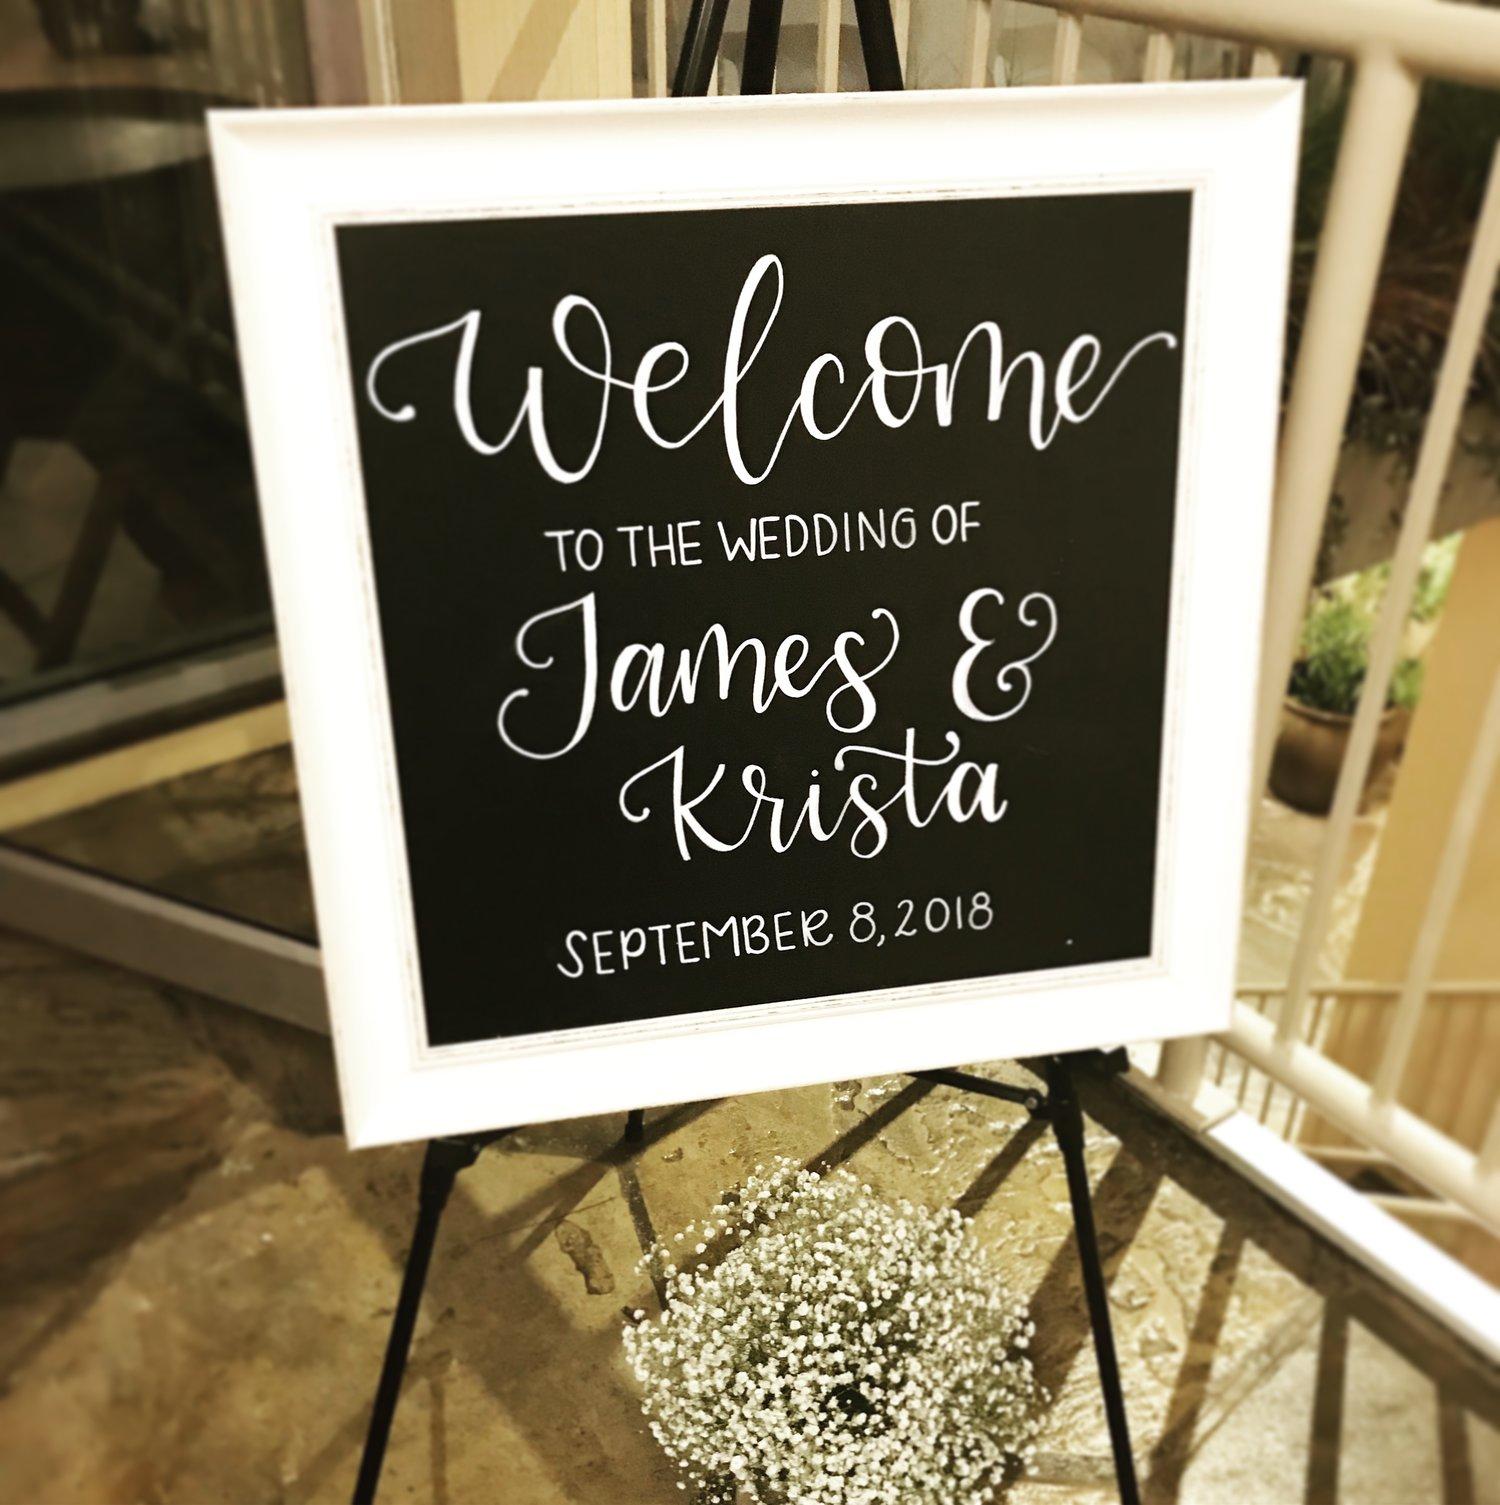 Welcome Wedding Sign Calligraphy.jpeg